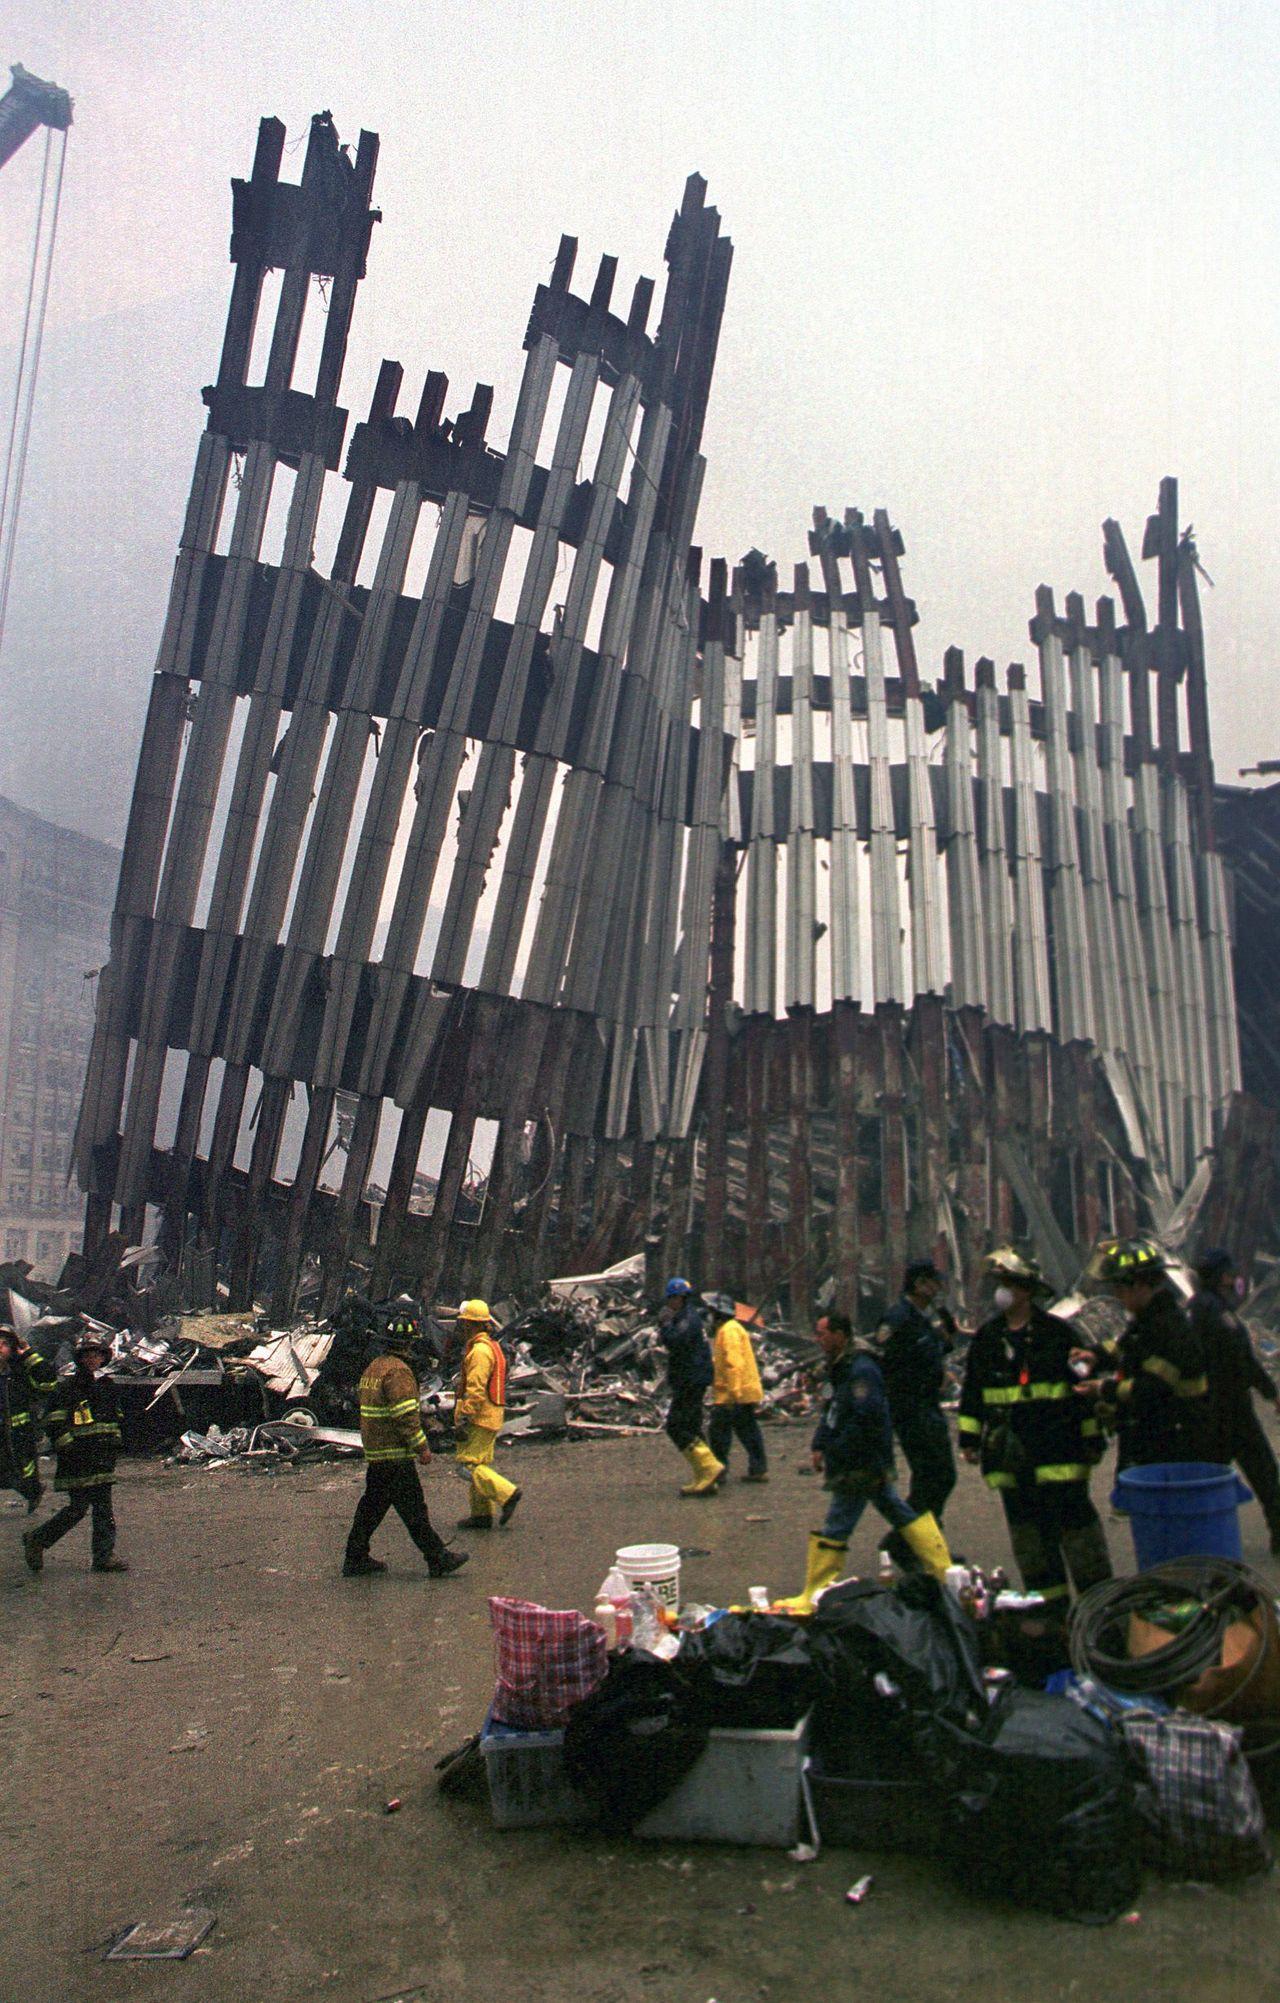 Escombros do World Trade Center, New York City, N.Y., 14 de setembro de 2001   Foto: Força Aérea dos EUA